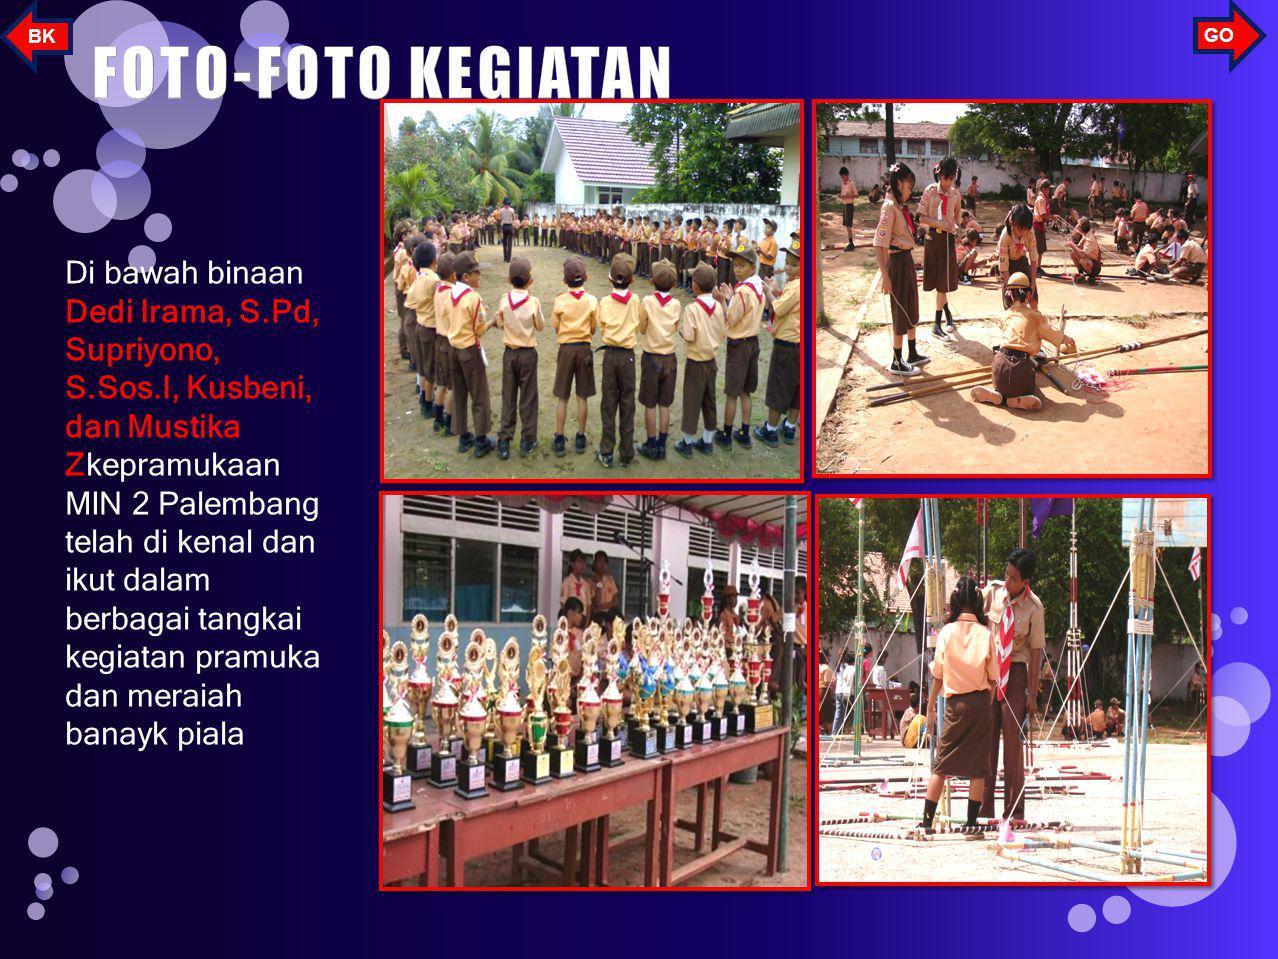 Untuk mengembangkan dan menggali potensi anak di sekolah-sekolah khususnya MIN 2 Palembang maka MIN 2 Palembang menyelenggarakan beberapa kegiatan eks